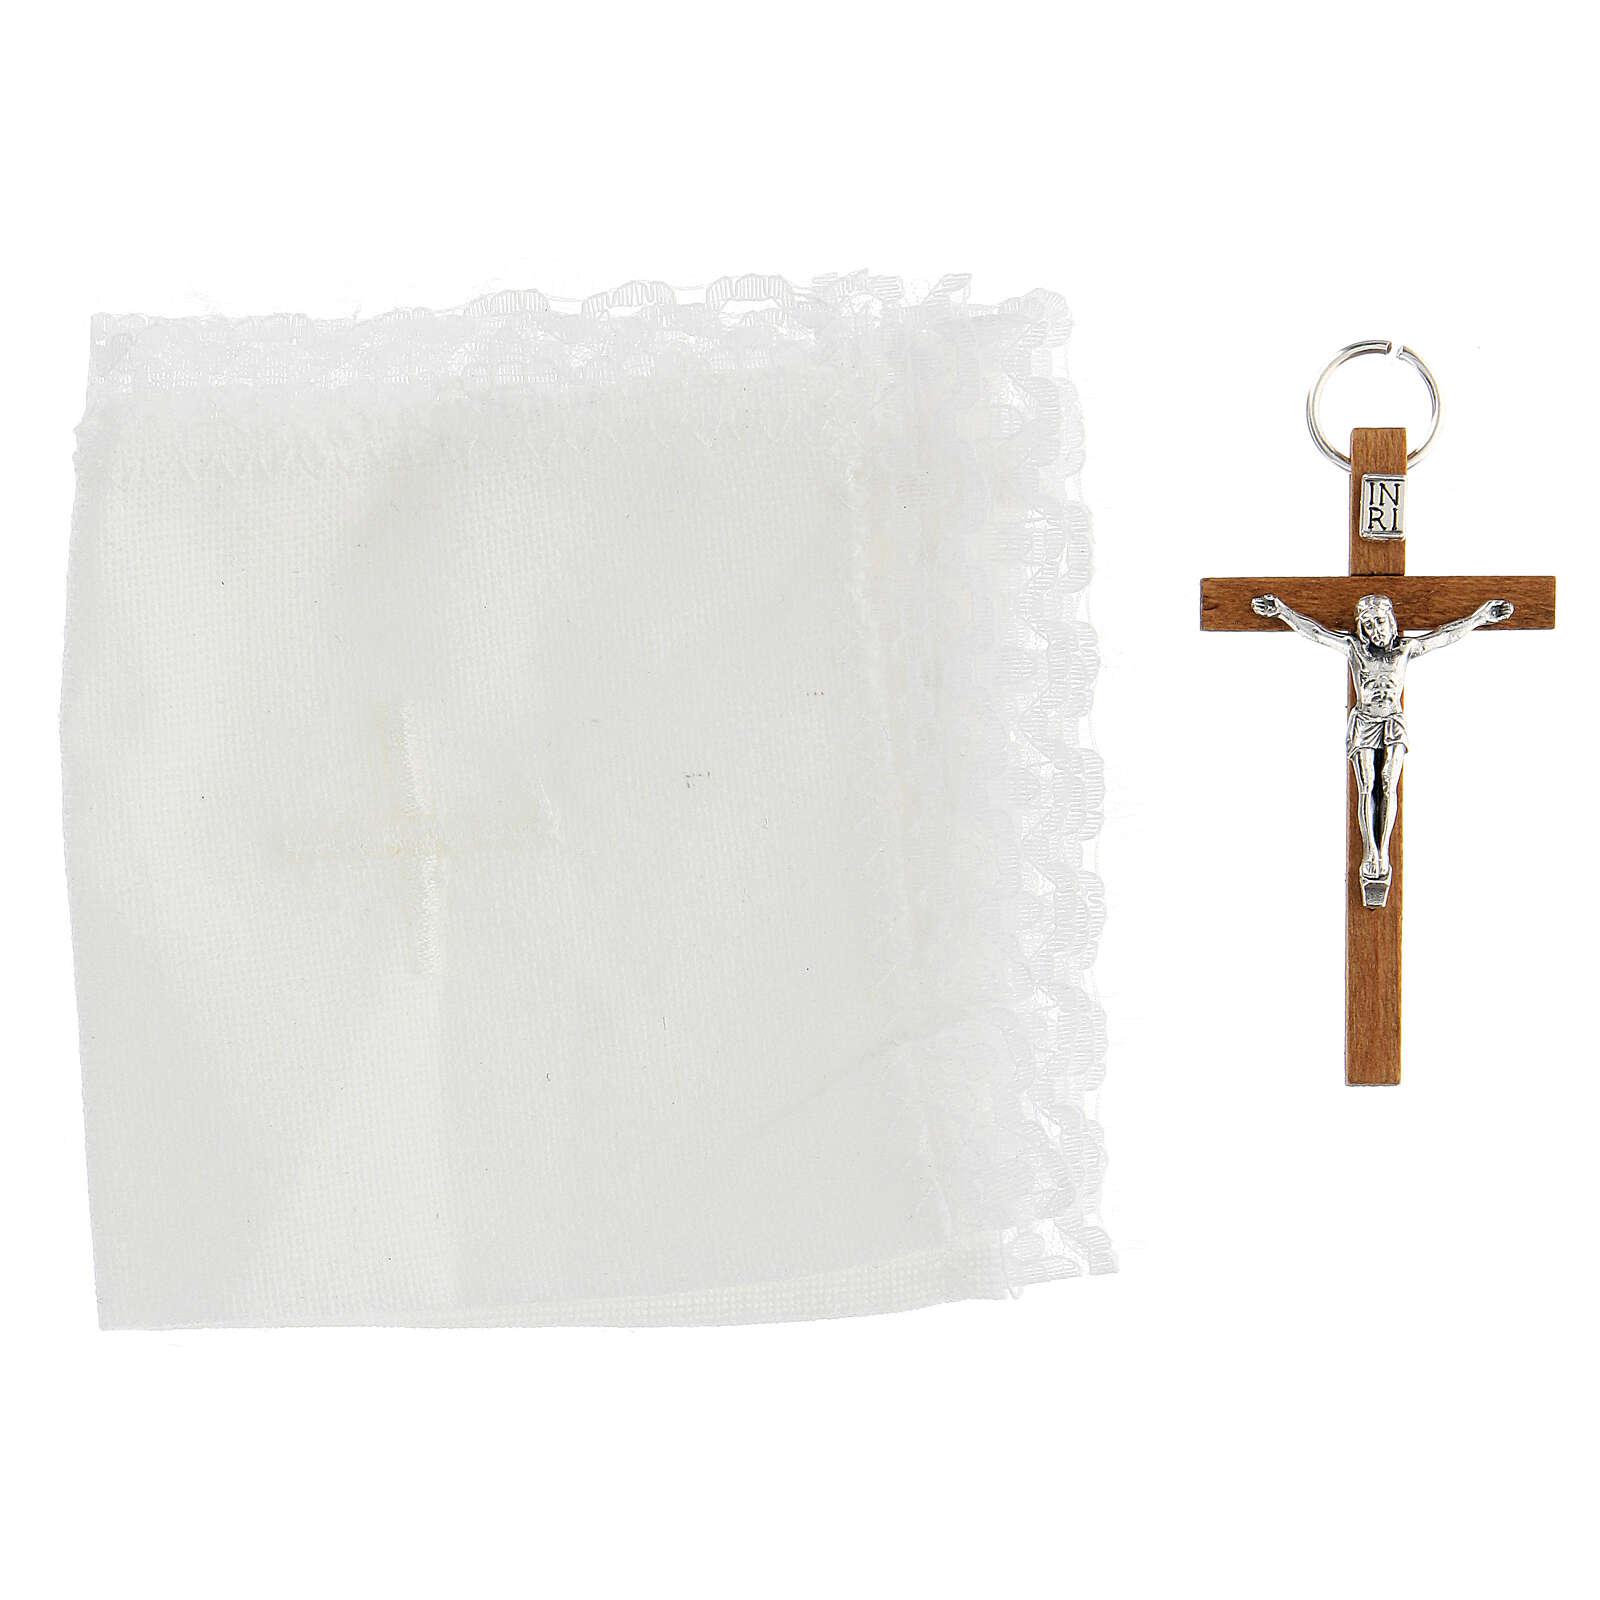 Estuche de piel con portaviático símbolo del Buen Pastor 3